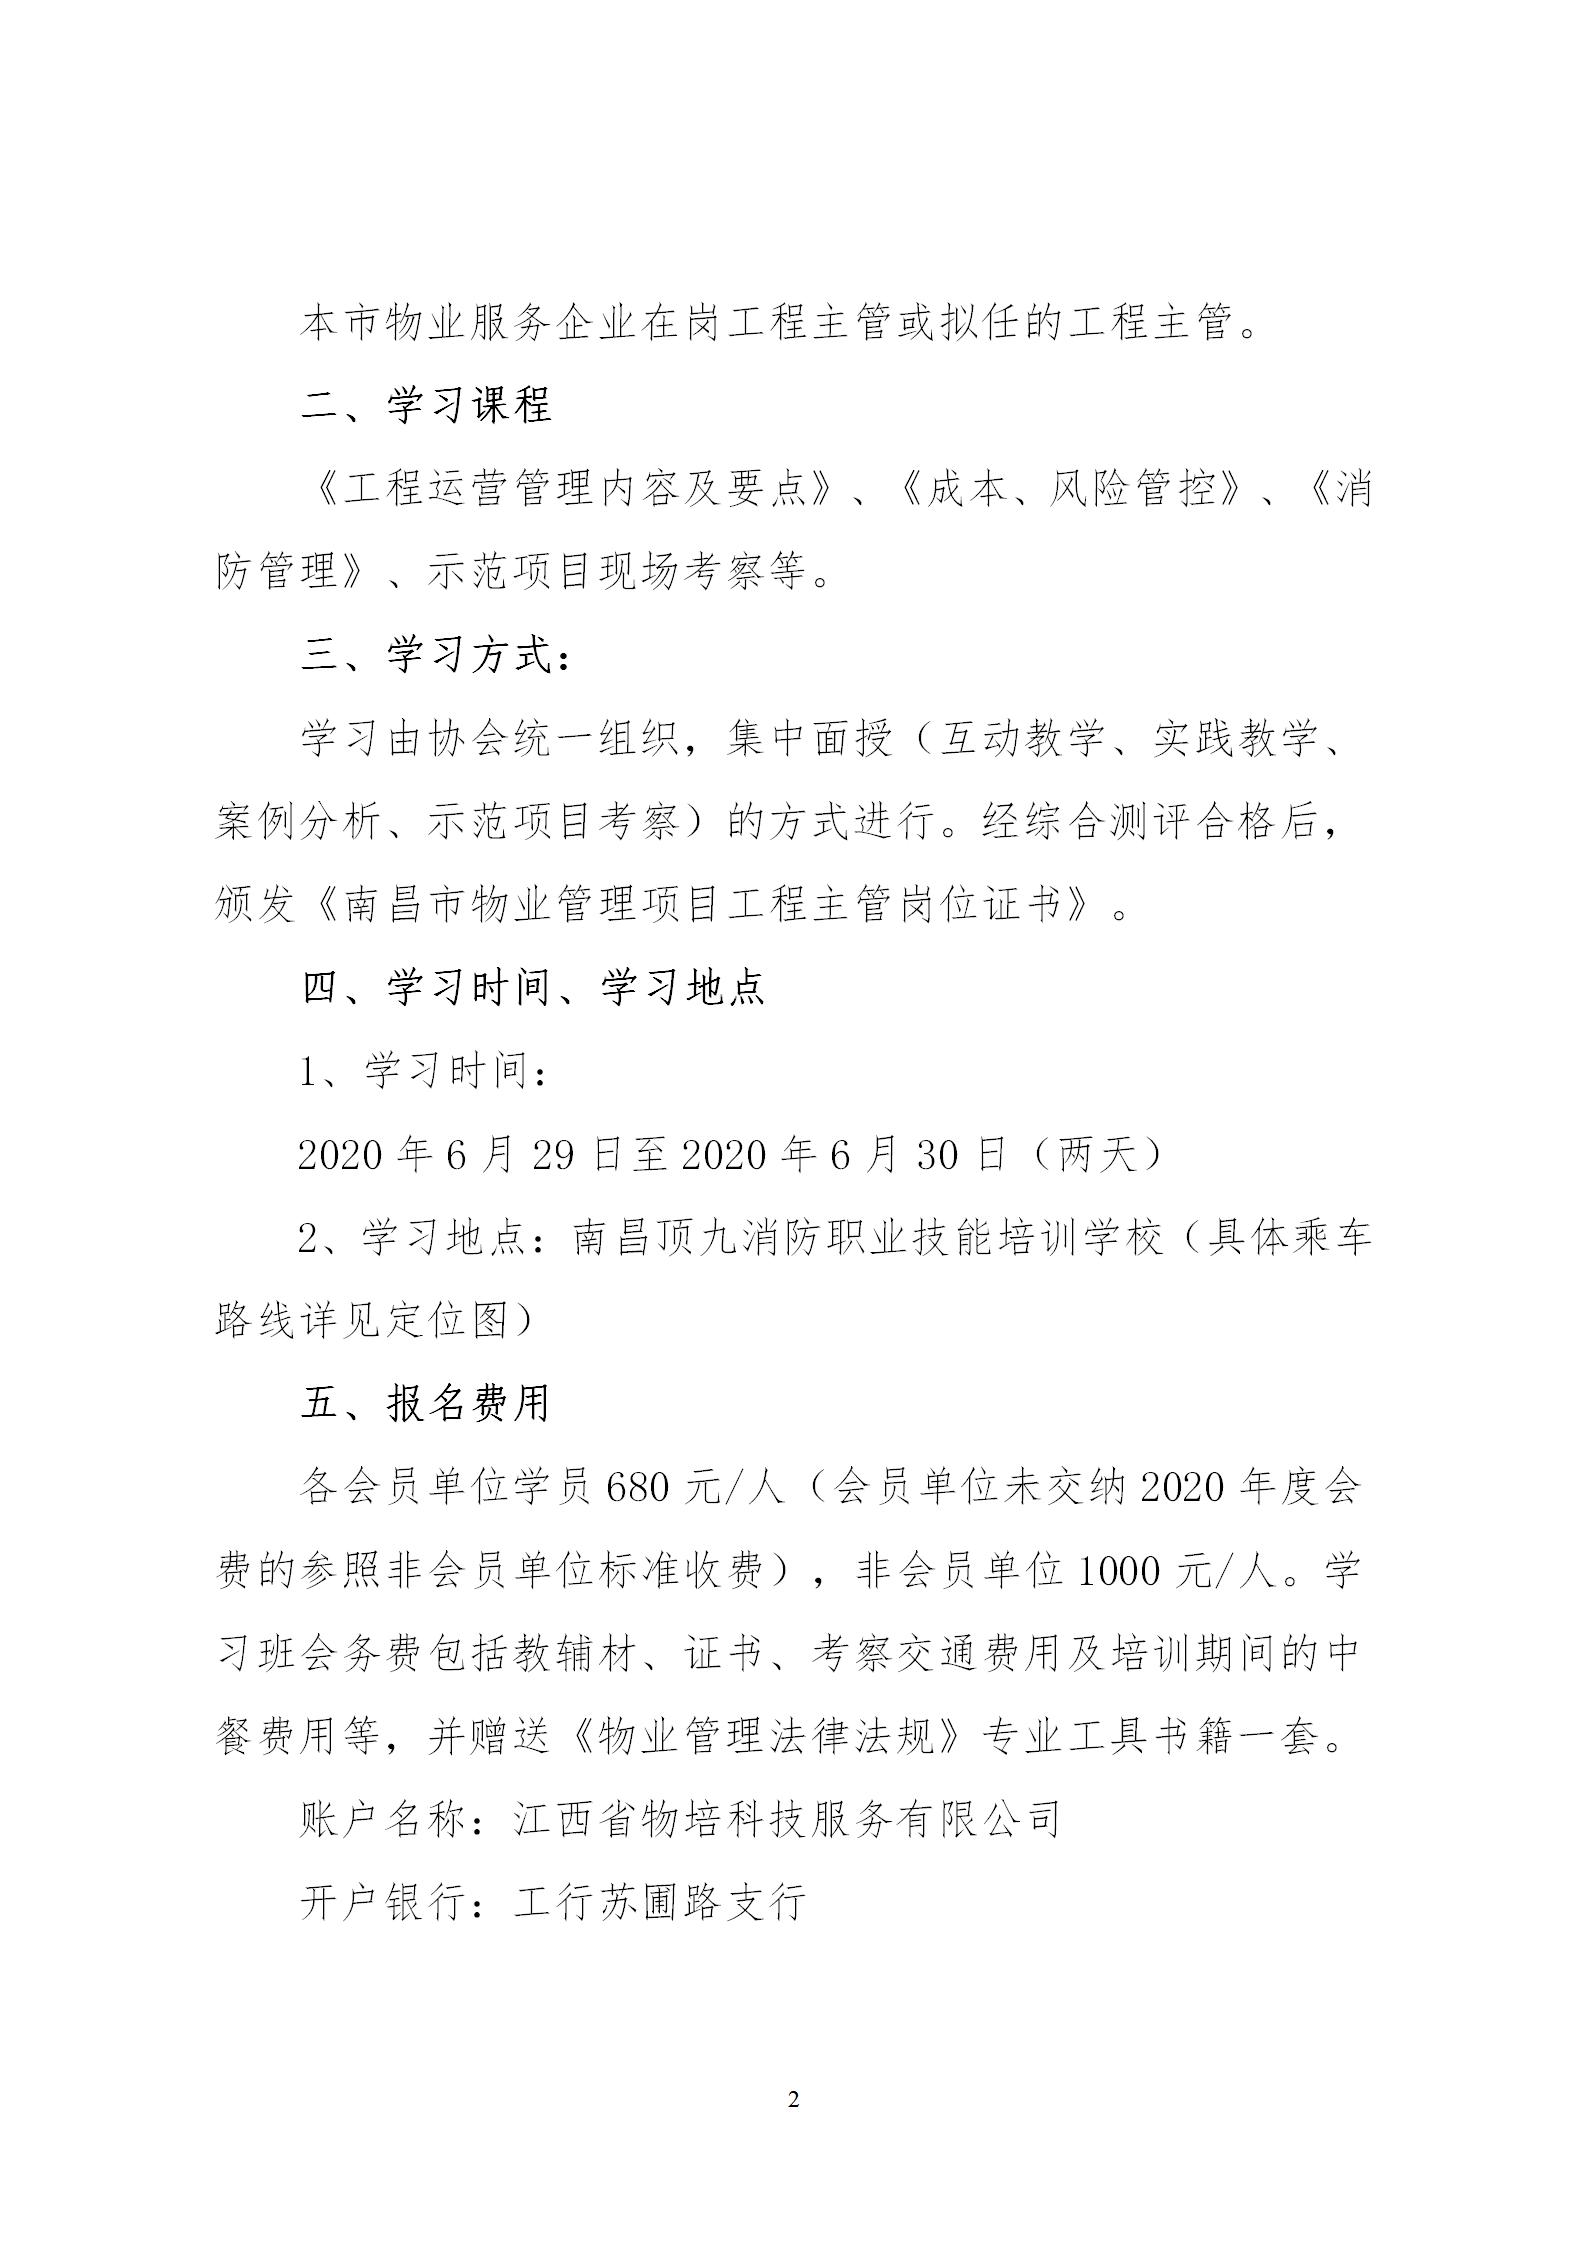 洪物协字[2020]11号 关于举办南昌市物业服务工程主管学习班的通知_02.png